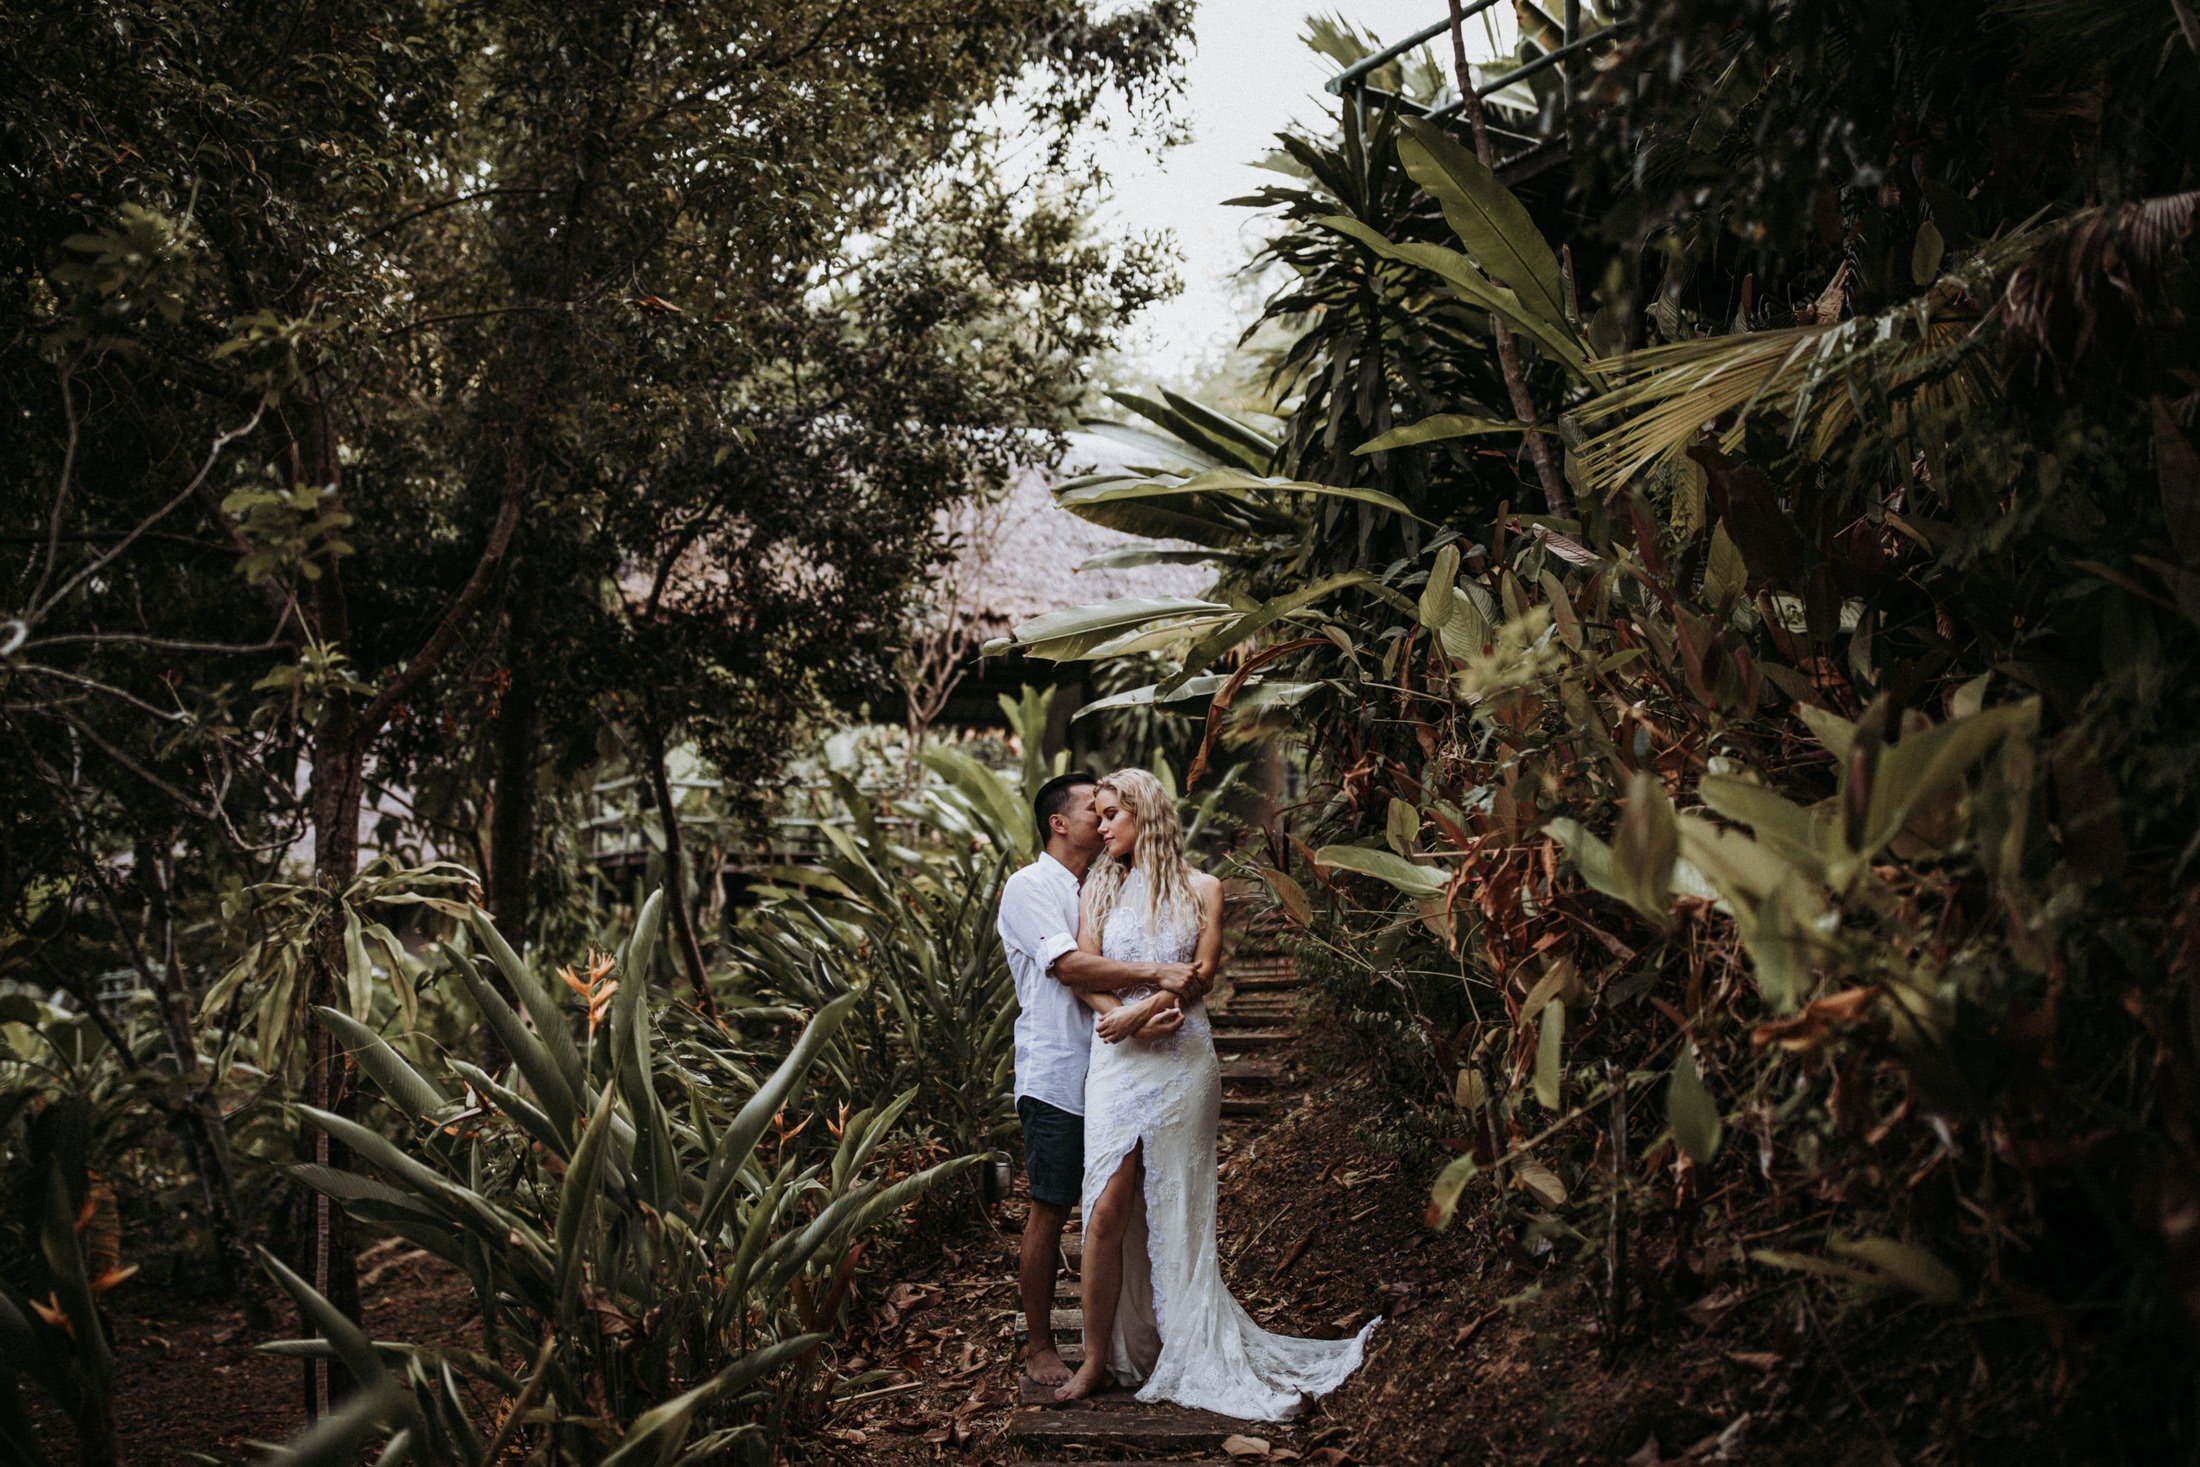 DanielaMarquardt_Wedding_Thailand_467